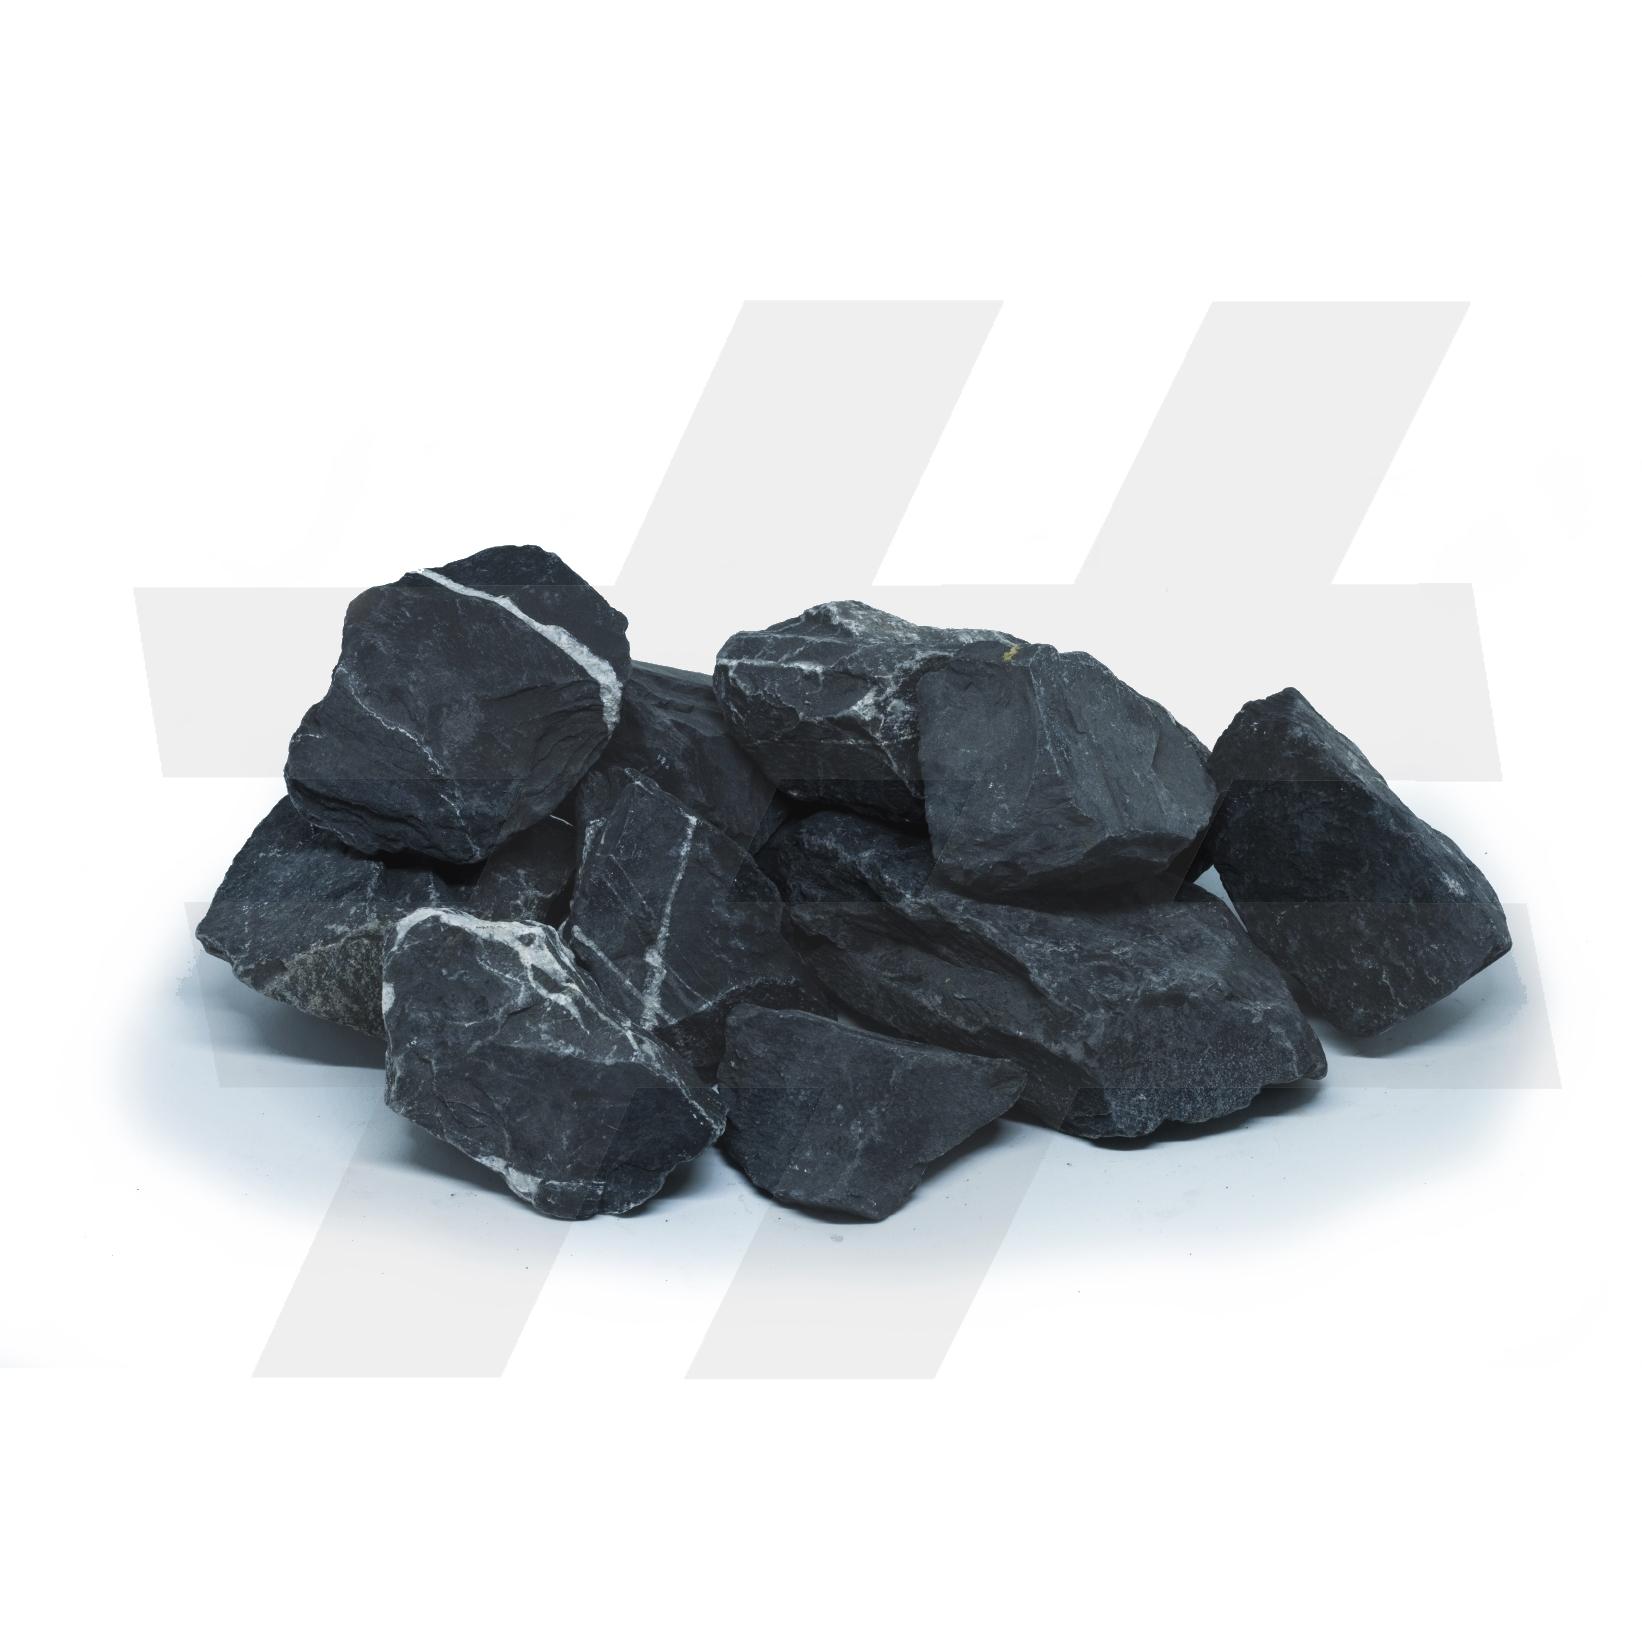 Blackstone €0,16 /kg